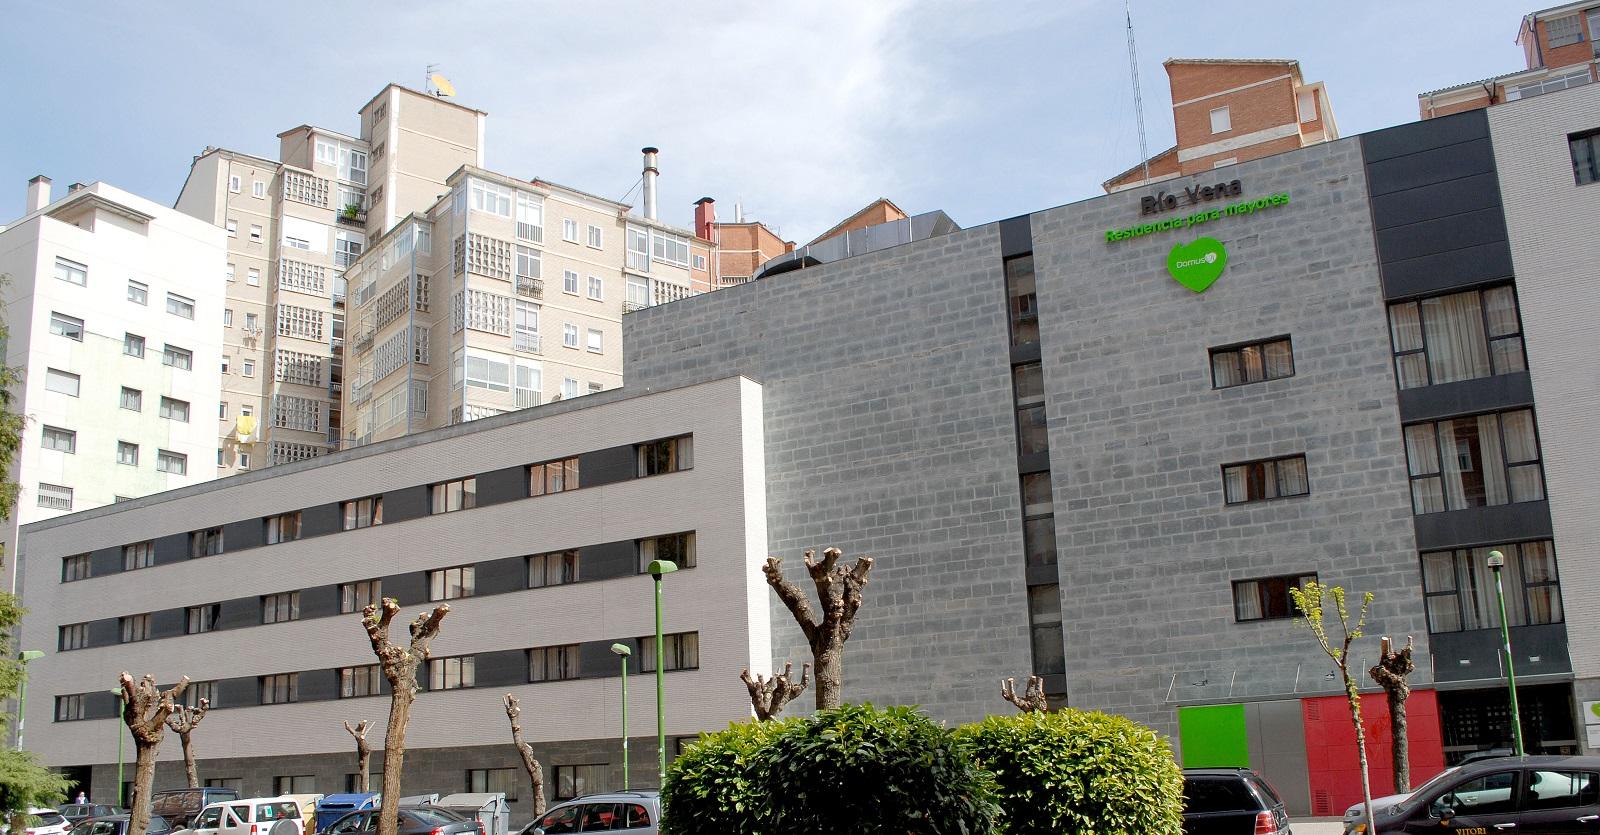 Residencia para mayores Río Vena, Burgos